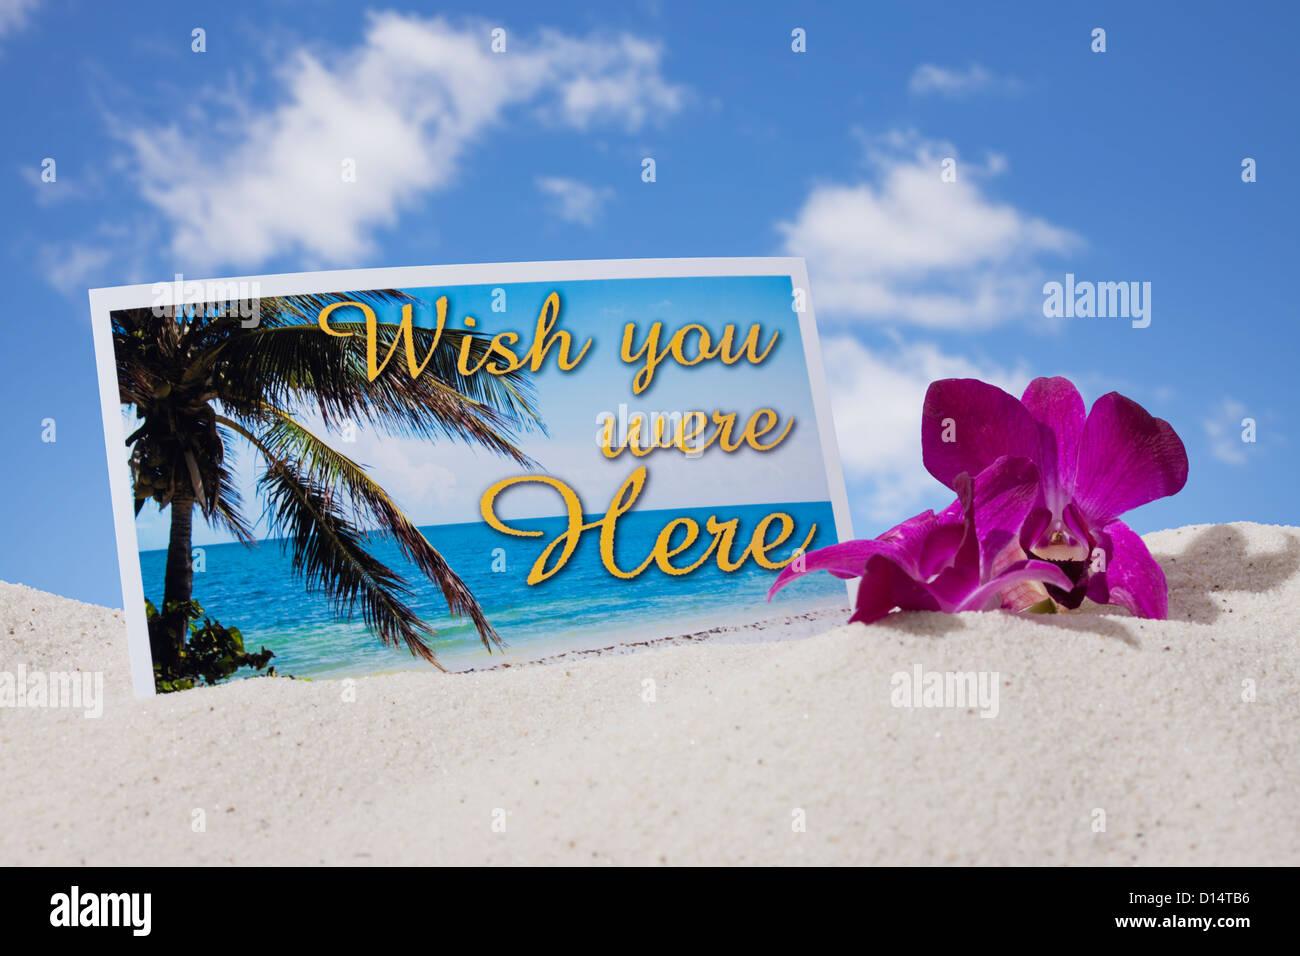 États-unis, Illinois, Metamora, carte postale et fleur tropicale dans le sable sur la plage Photo Stock